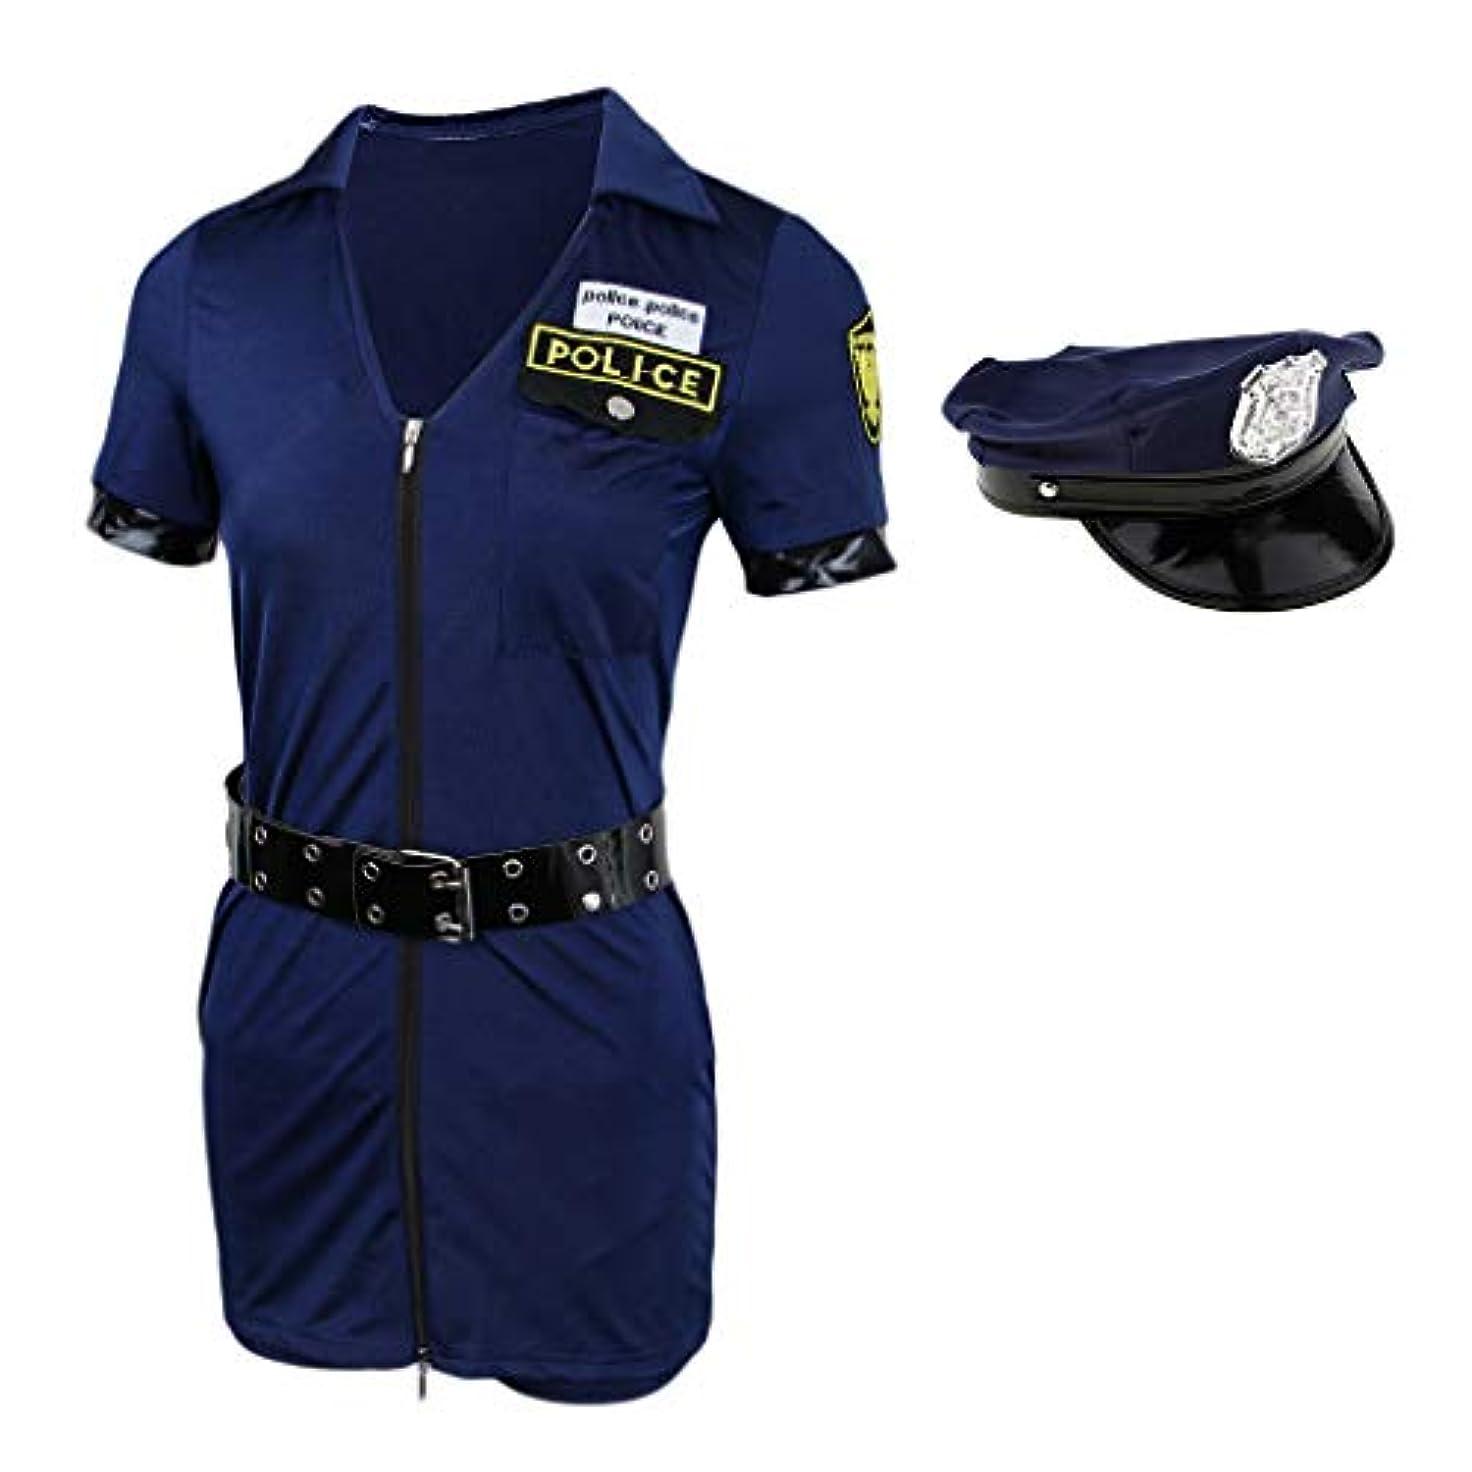 メーター申し込むエラーB Baosity 女性 警察 コスプレ 衣装 ロンパー 制服 ハロウィーン 役員 仮装 衣装